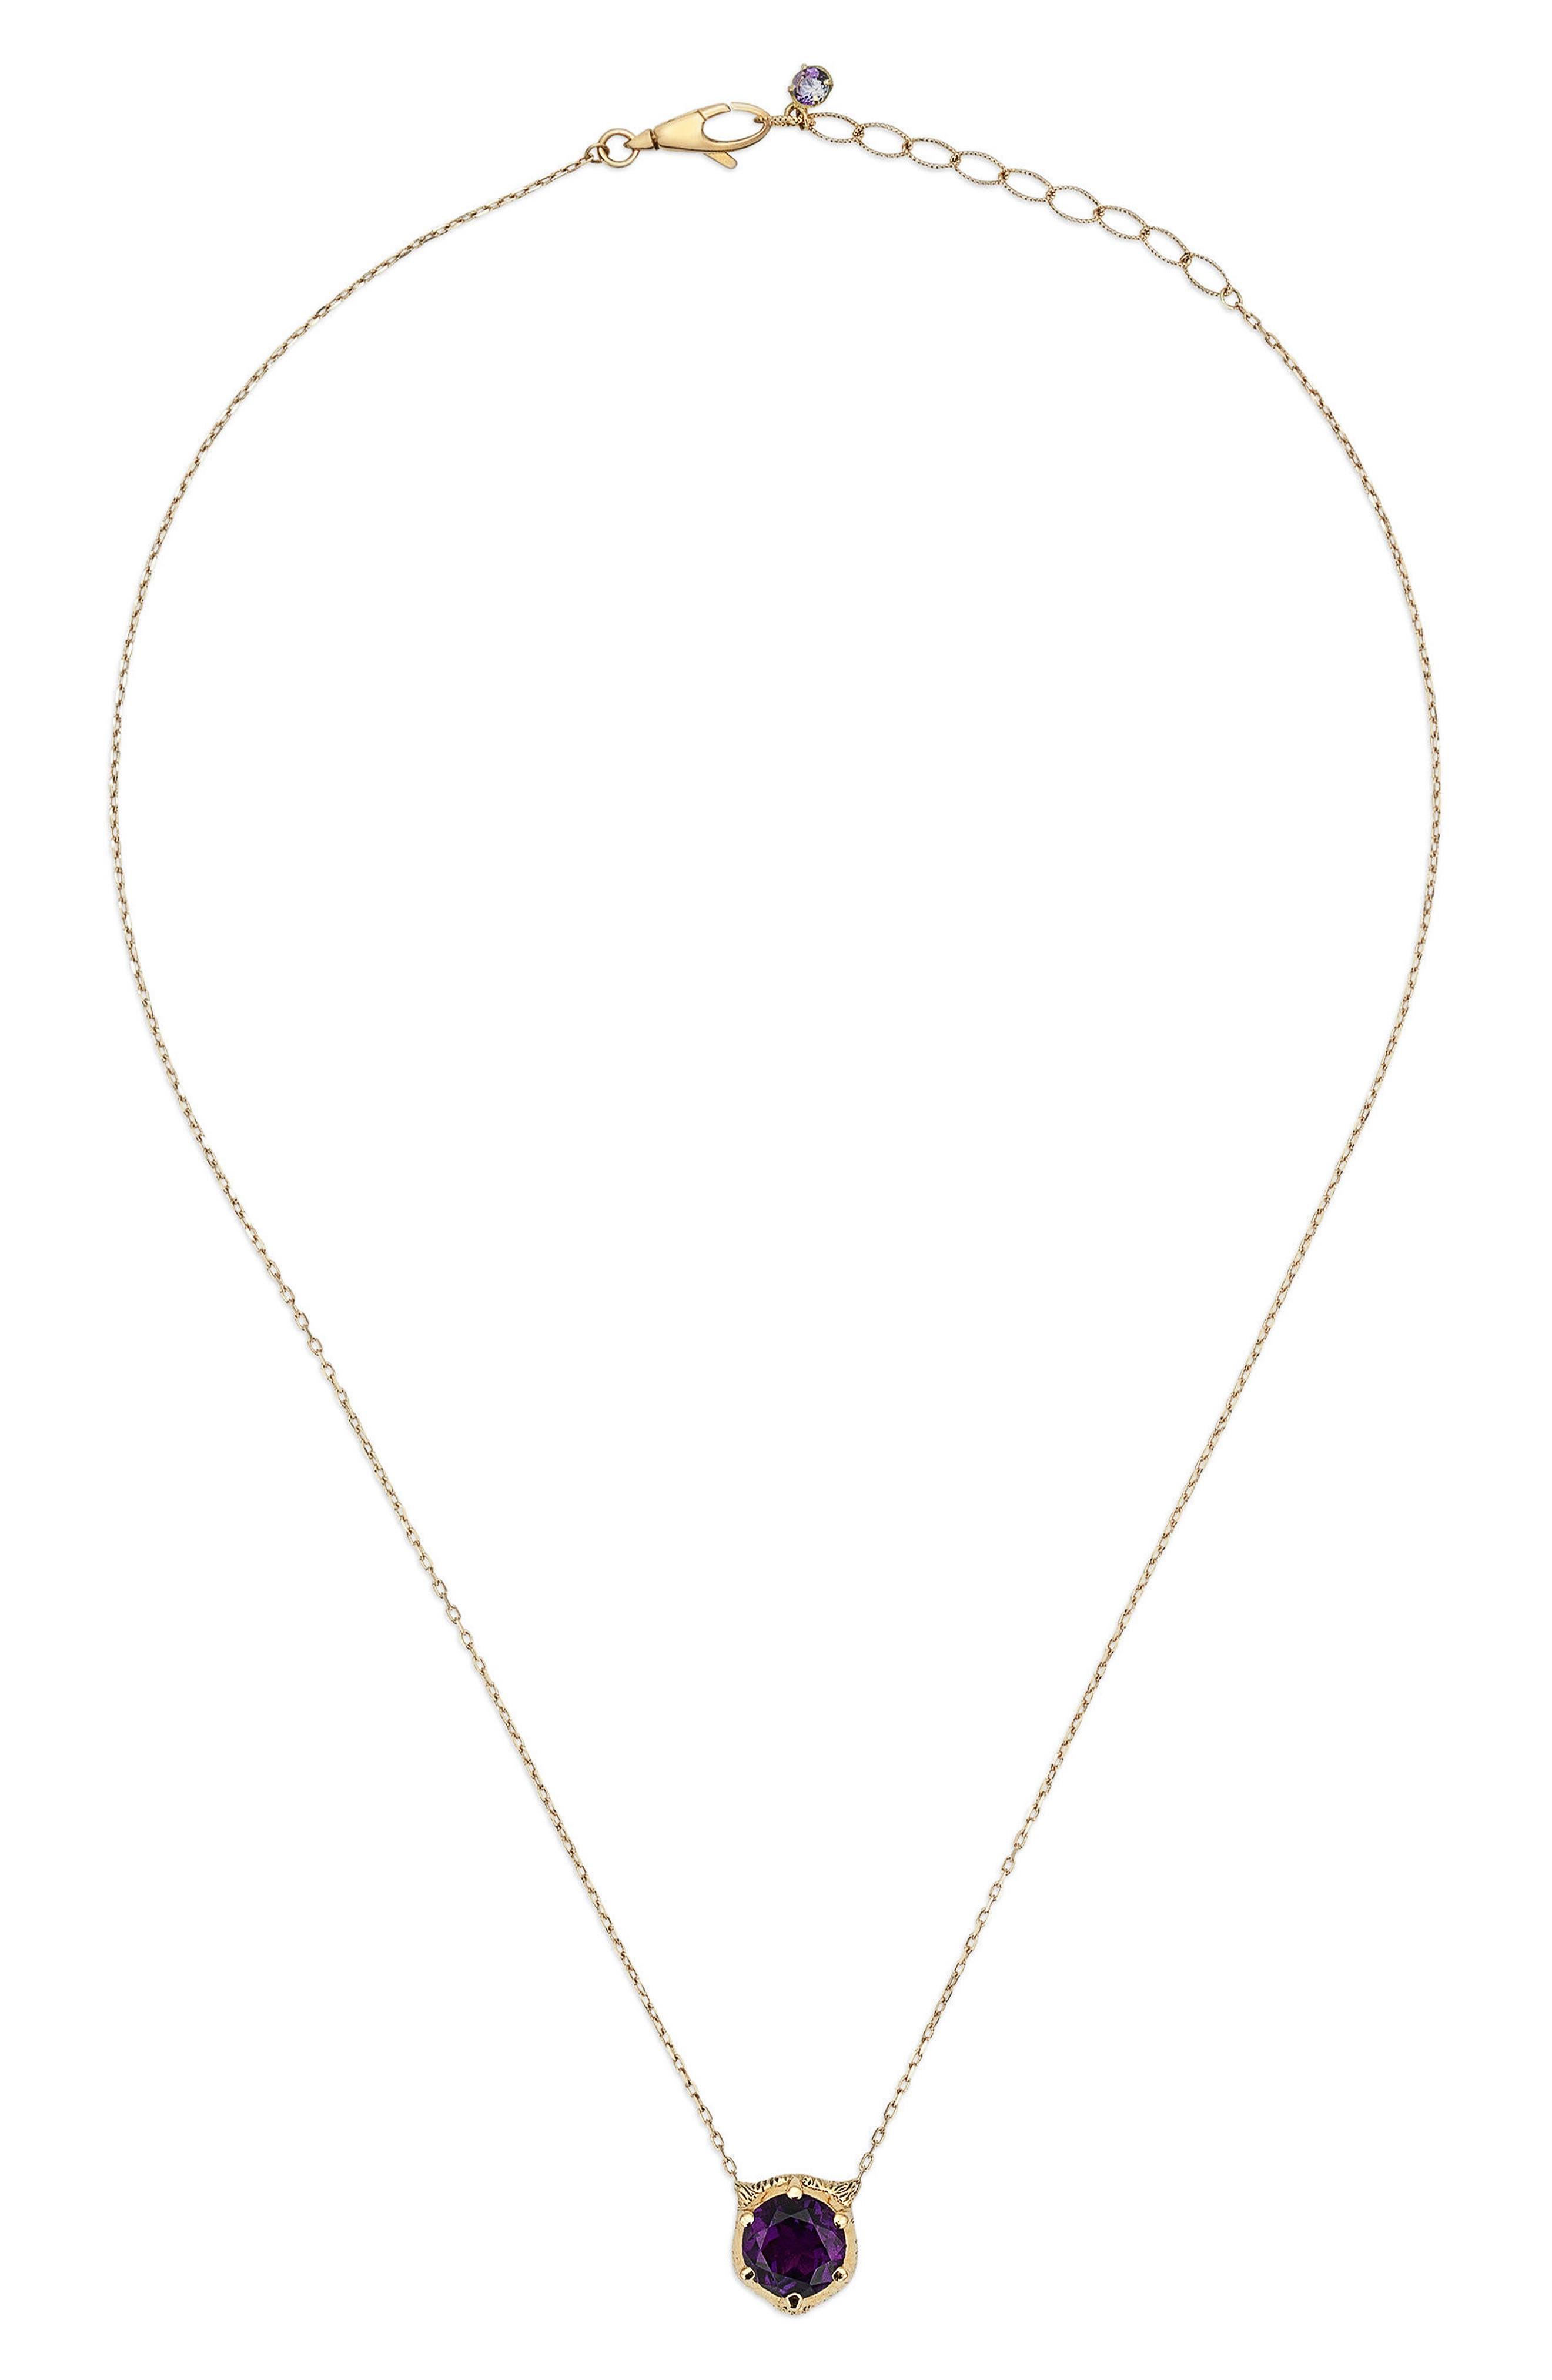 Le Marche Feline Head Pendant Necklace,                             Alternate thumbnail 2, color,                             YELLOW GOLD/ PURPLE